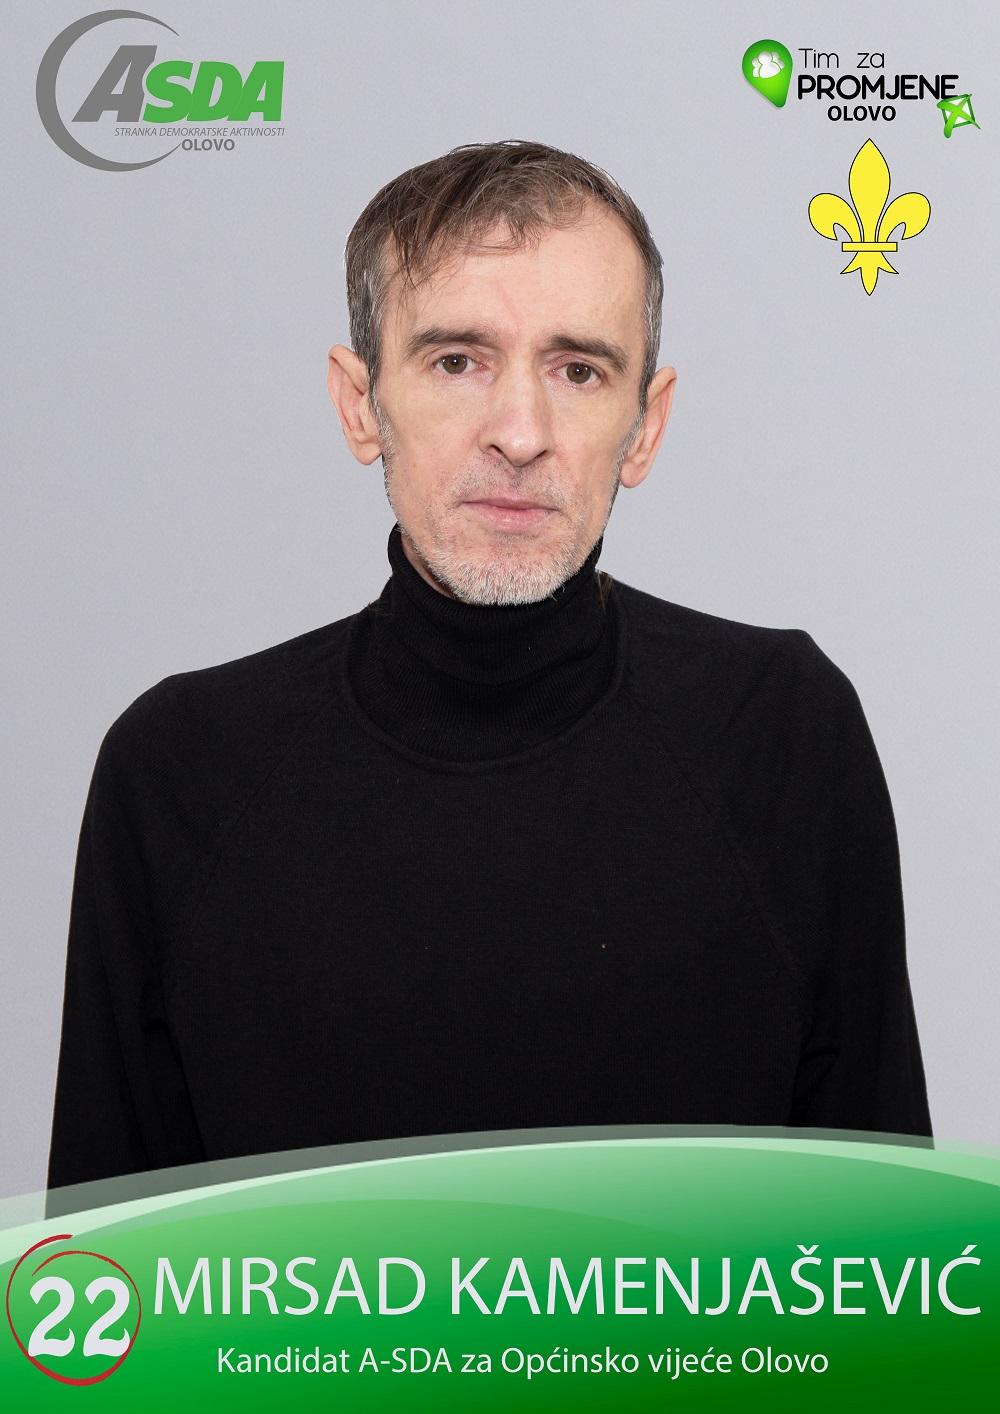 Mirsad Kamenjašević